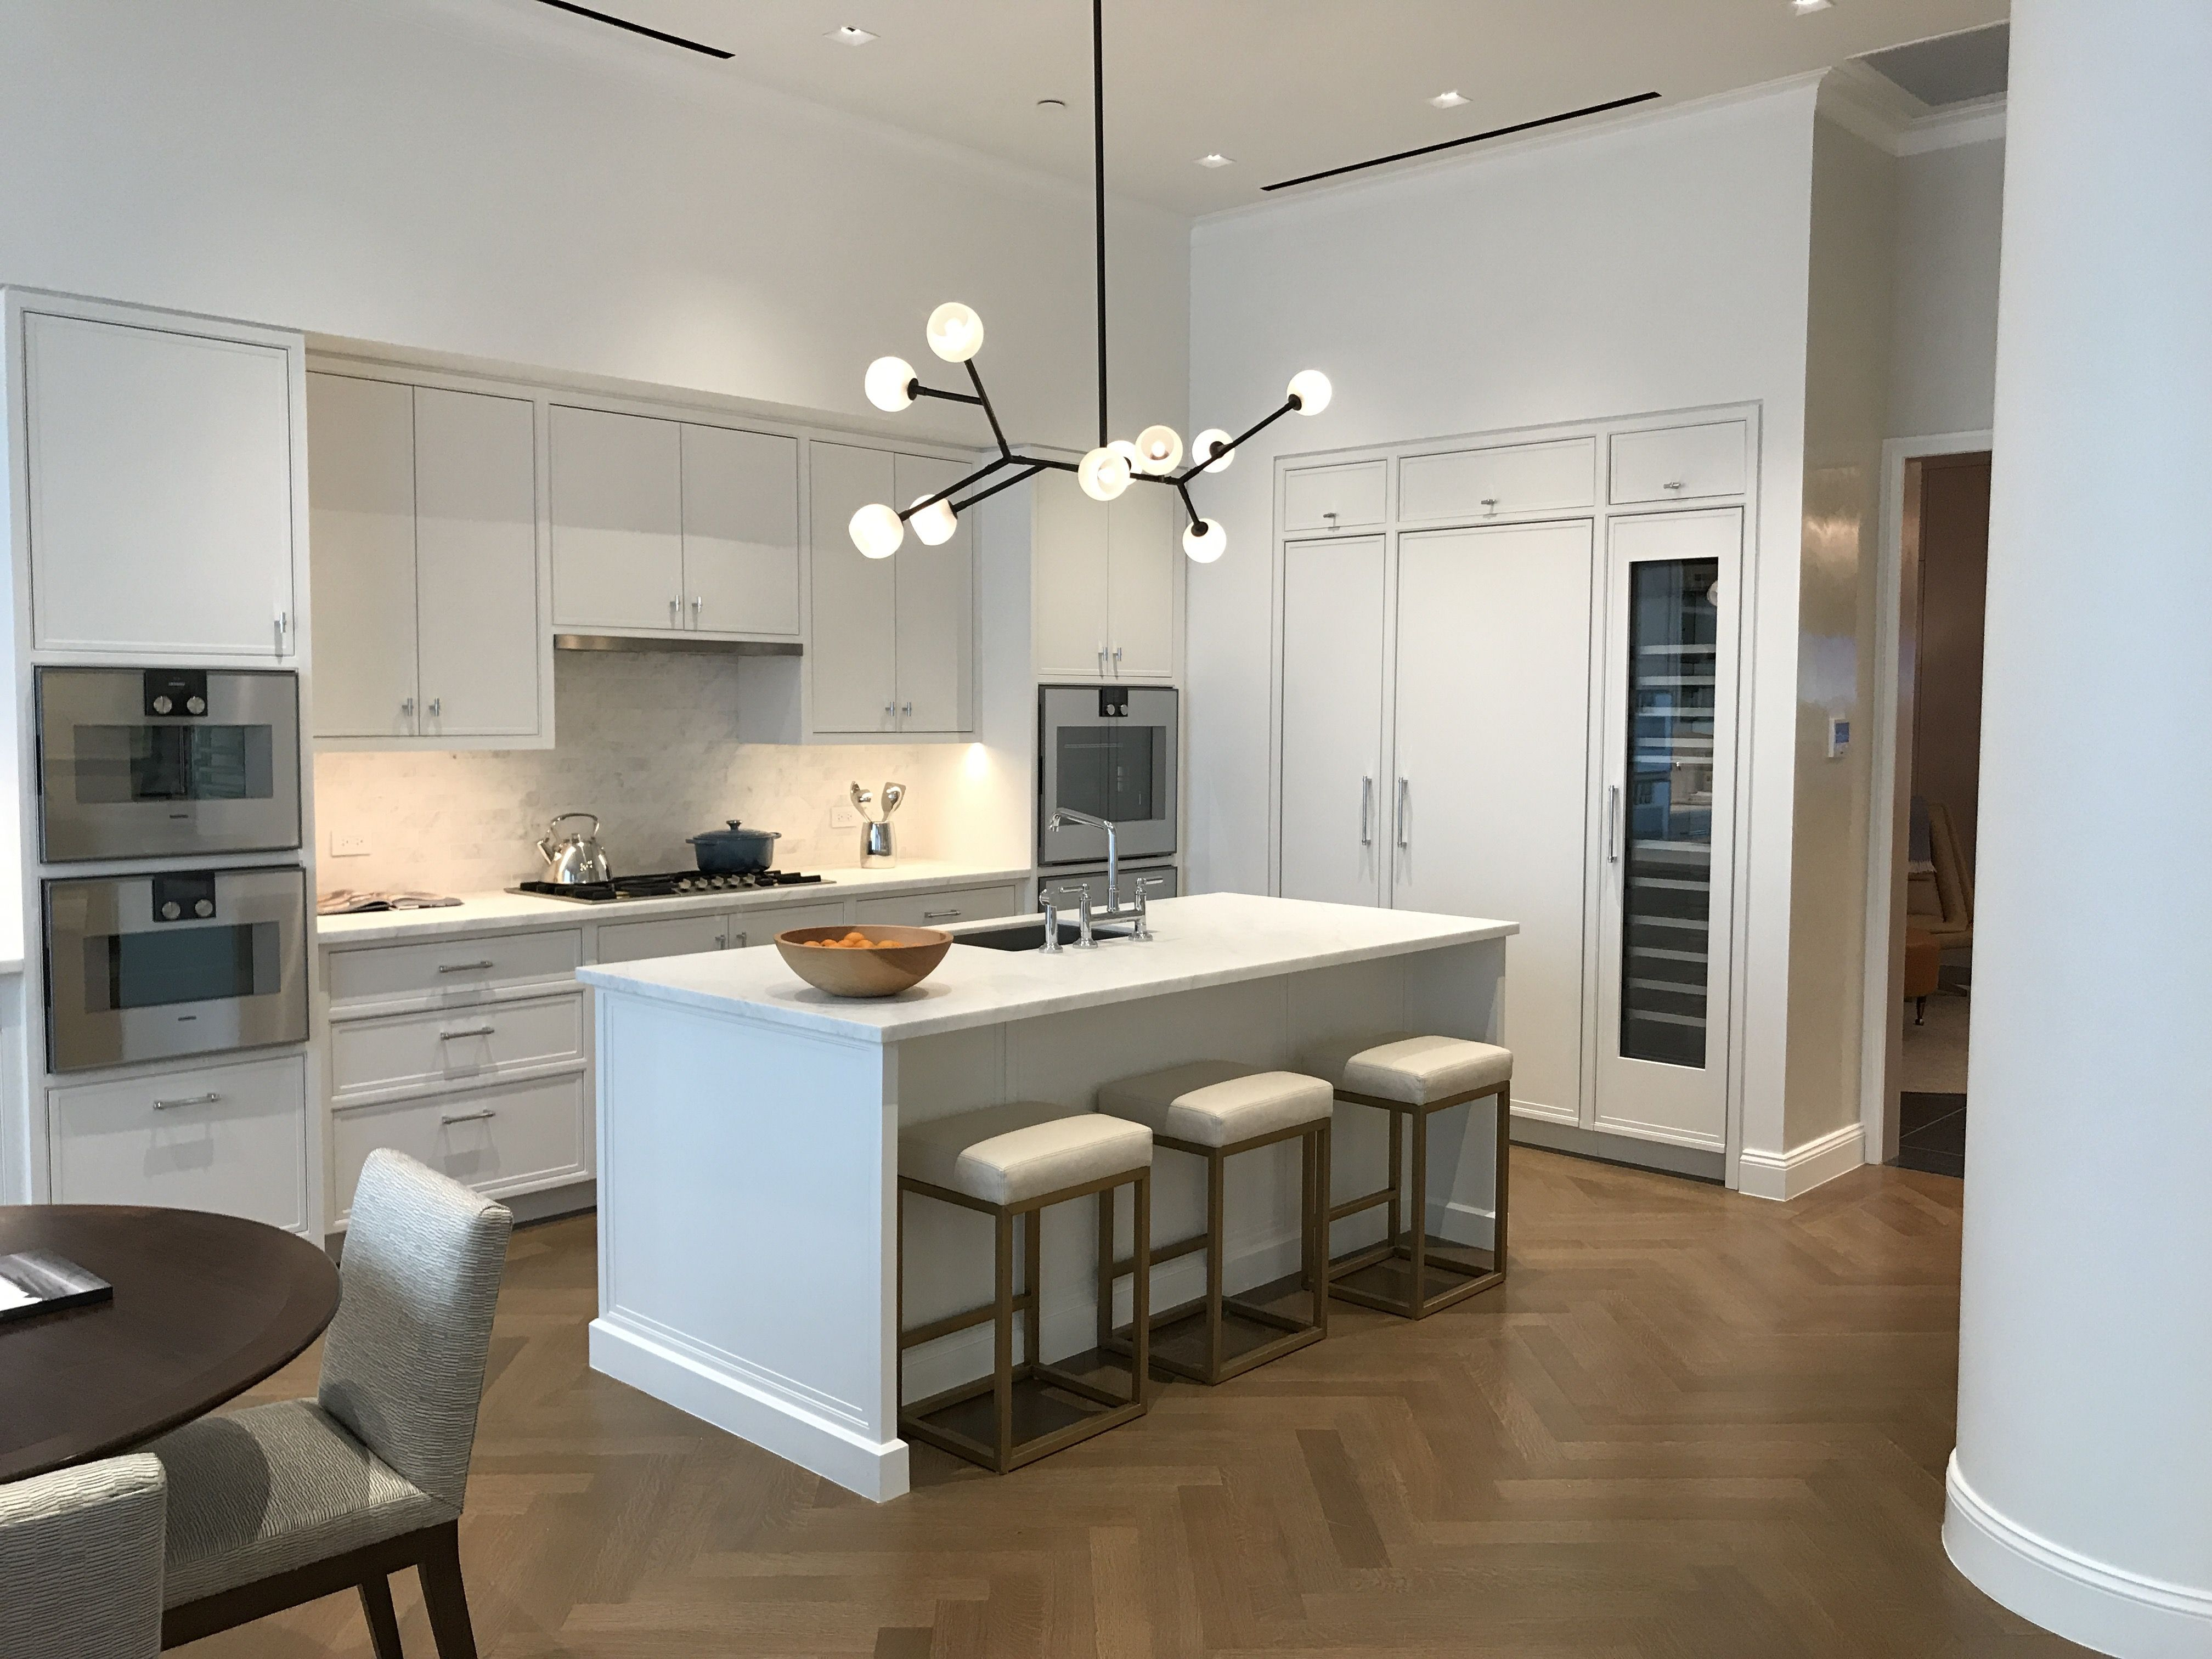 Light Fixture Light Fixtures Home Decor House Design